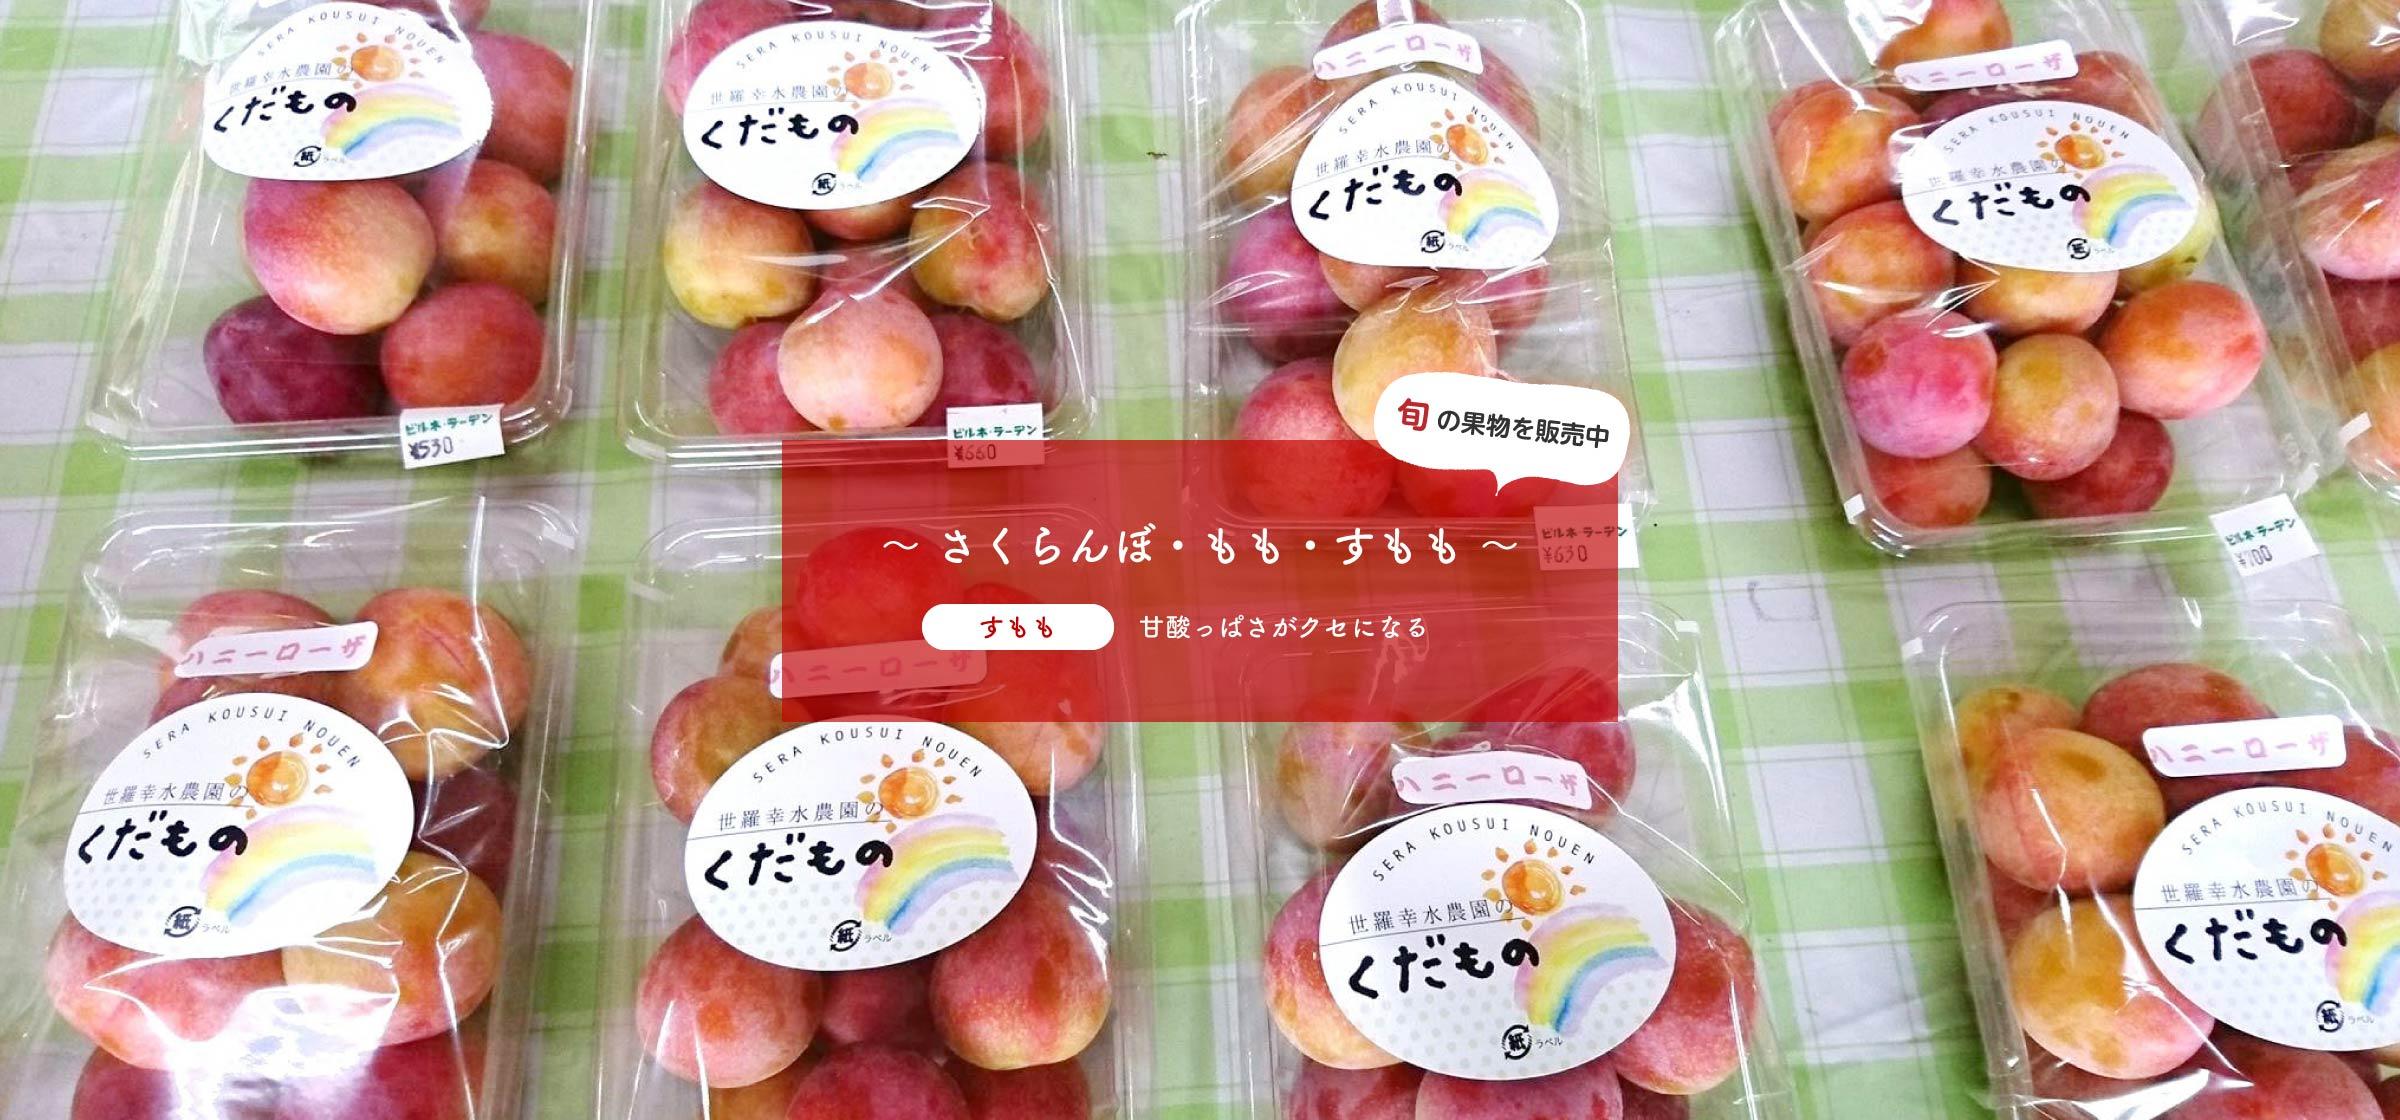 旬の果物を販売中~ さくらんぼ、もも、すもも ~すもも:甘酸っぱさがクセになる